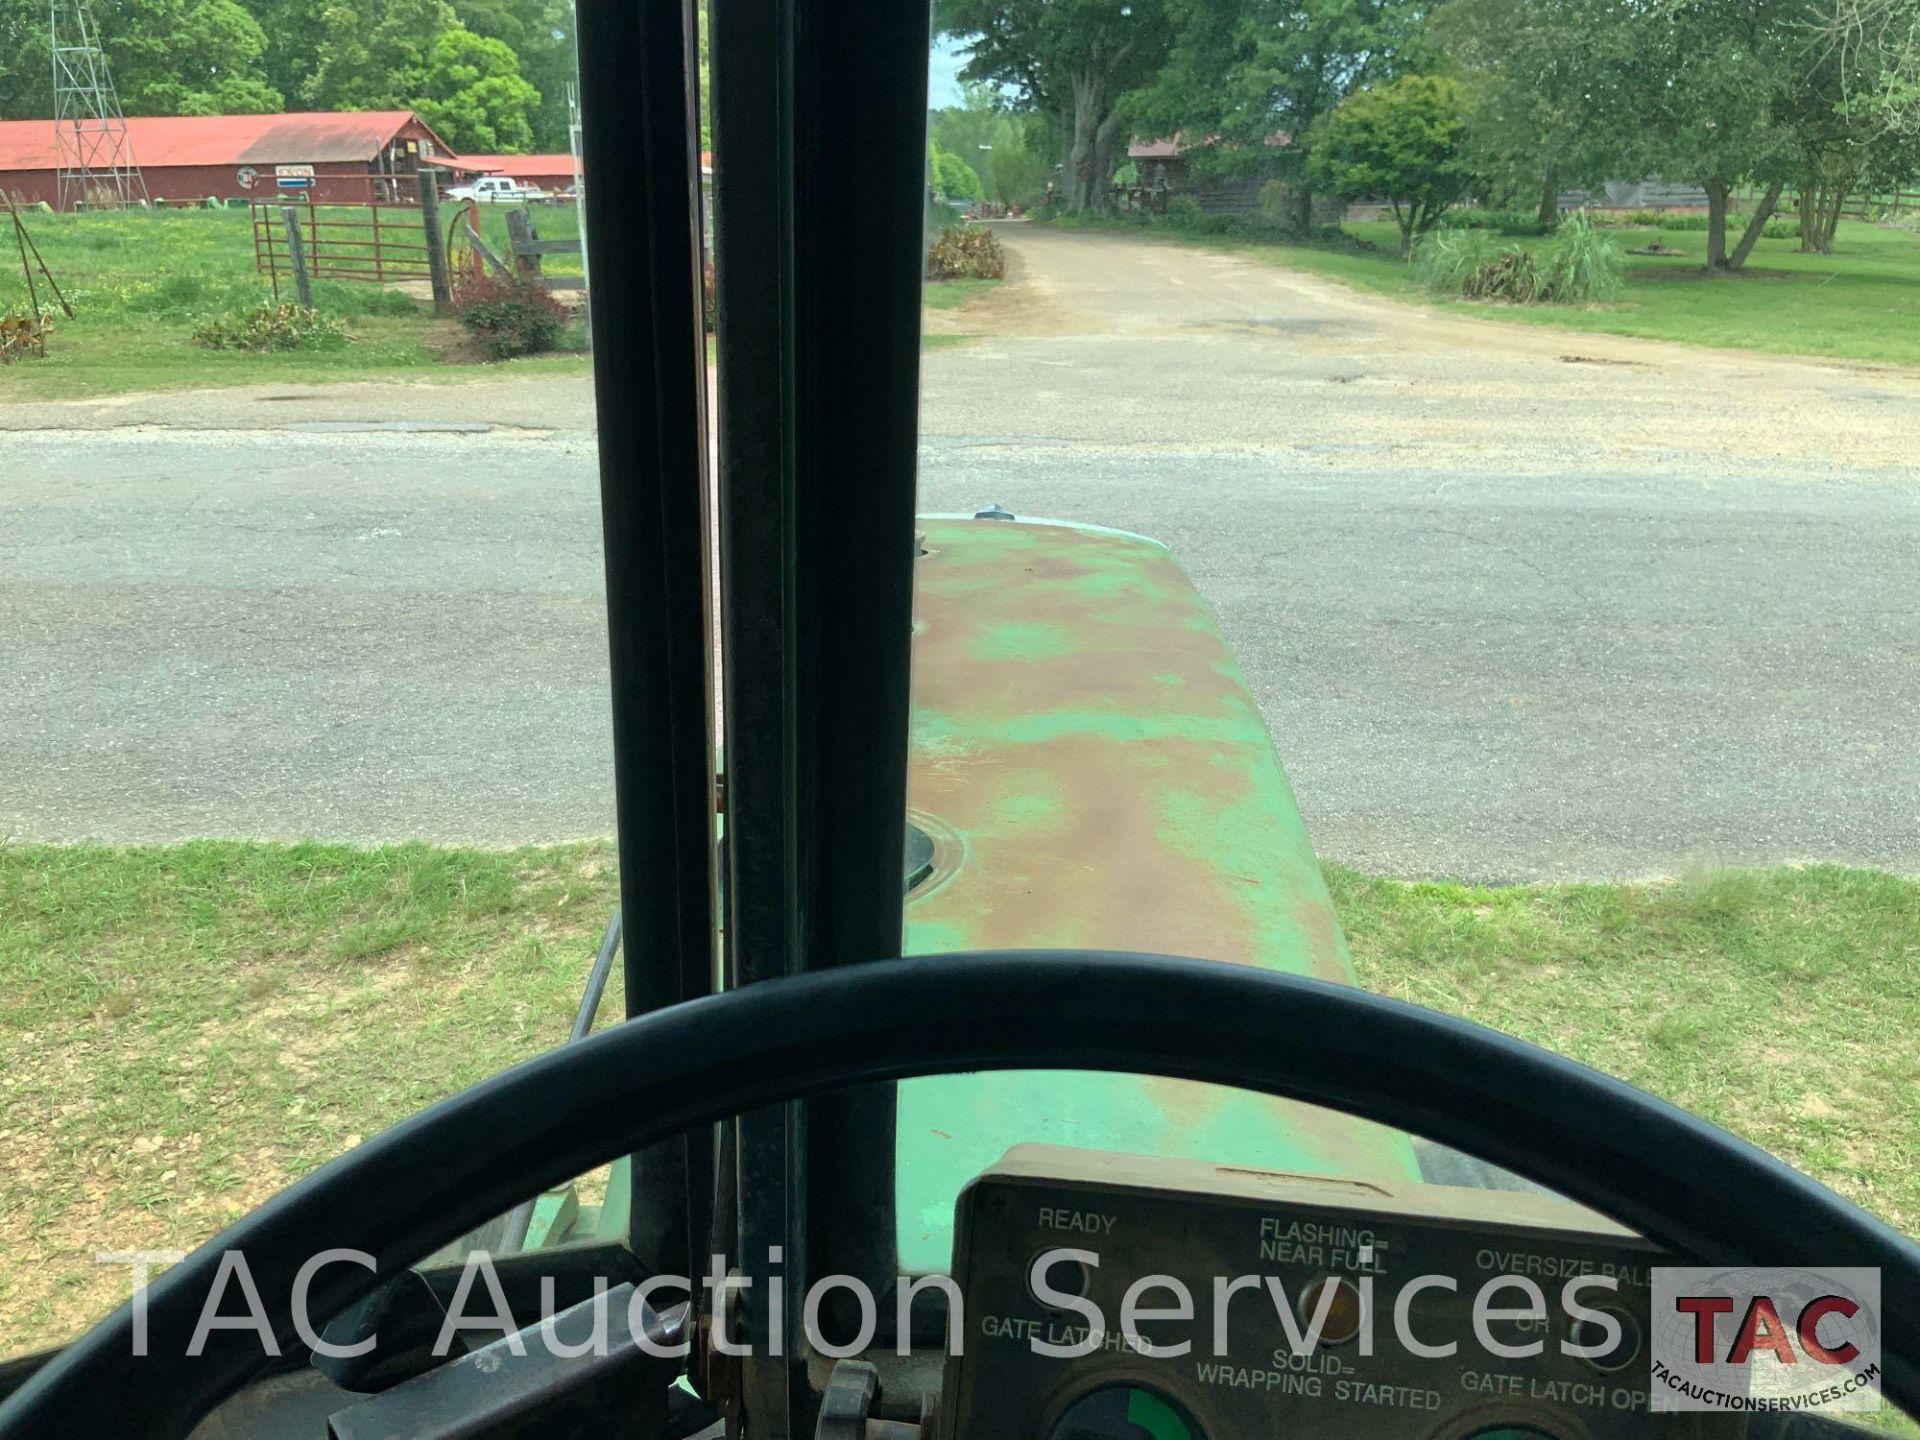 John Deere 4440 Tractor - Image 17 of 31